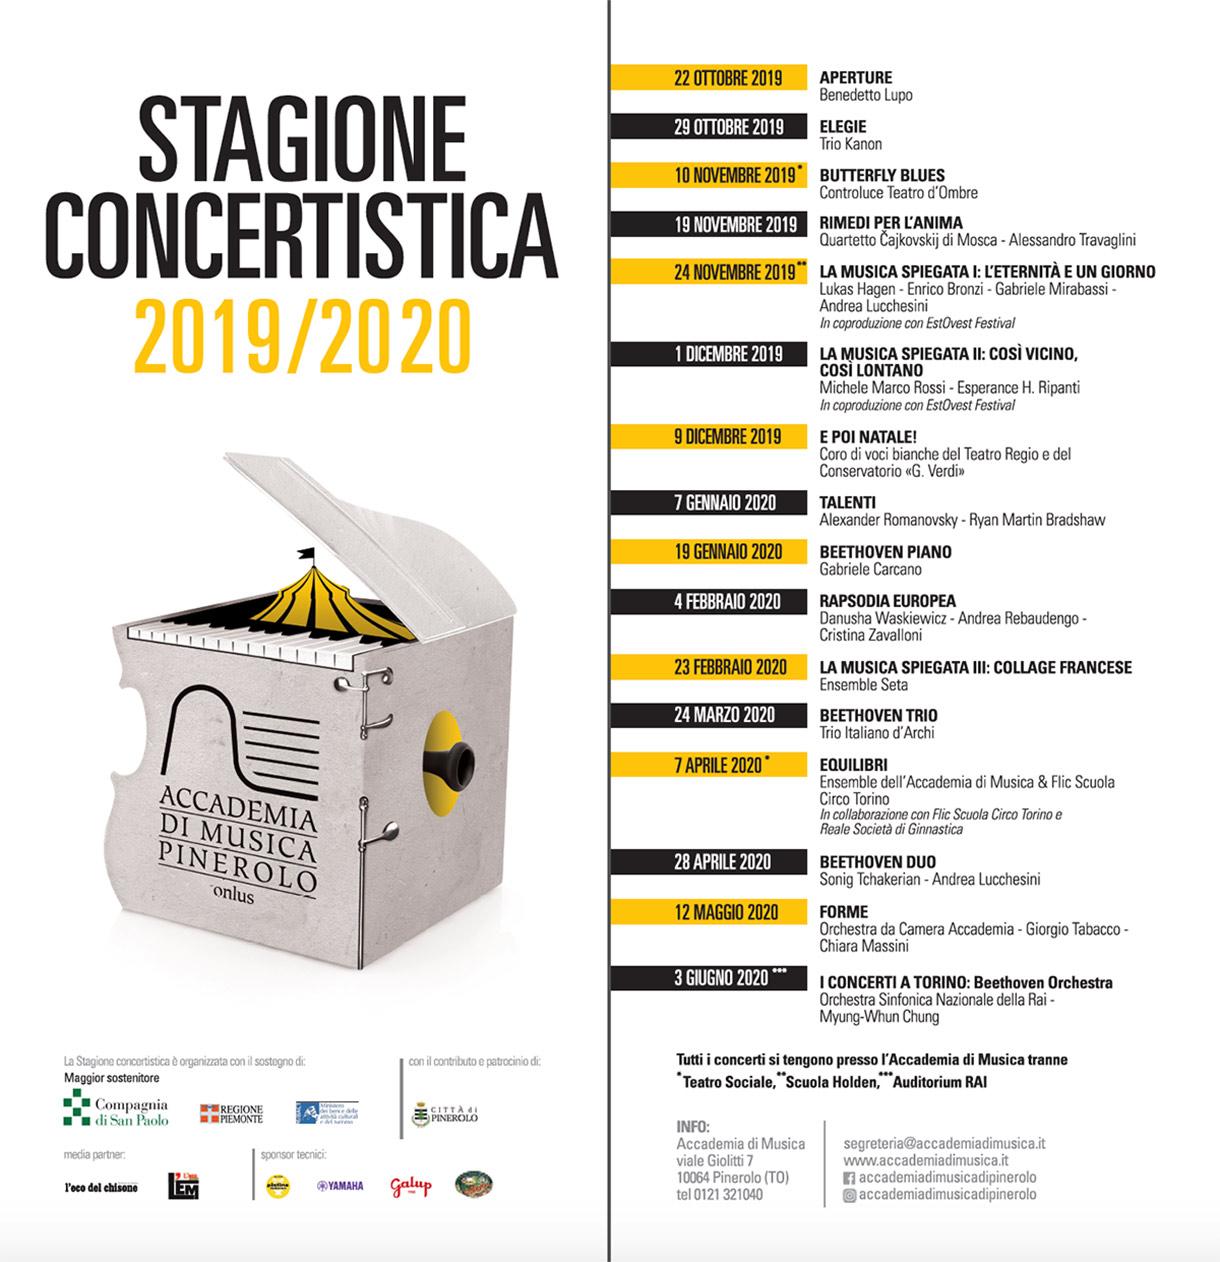 Calendario Stagione concertistica 2019/20 dell'Accademia di Musica di Pinerolo